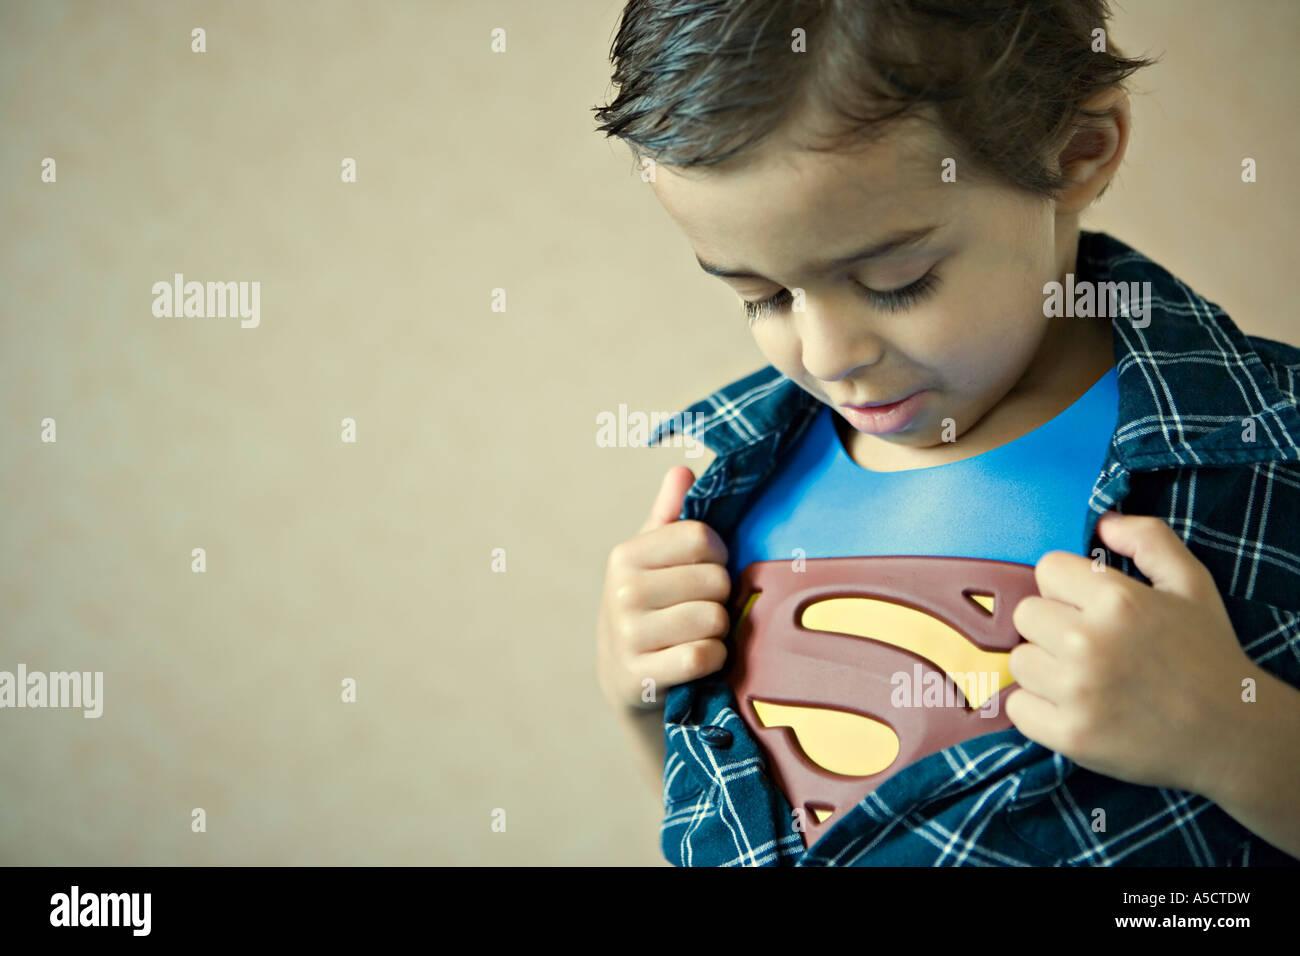 Bambino rivela il costume di Superman Immagini Stock